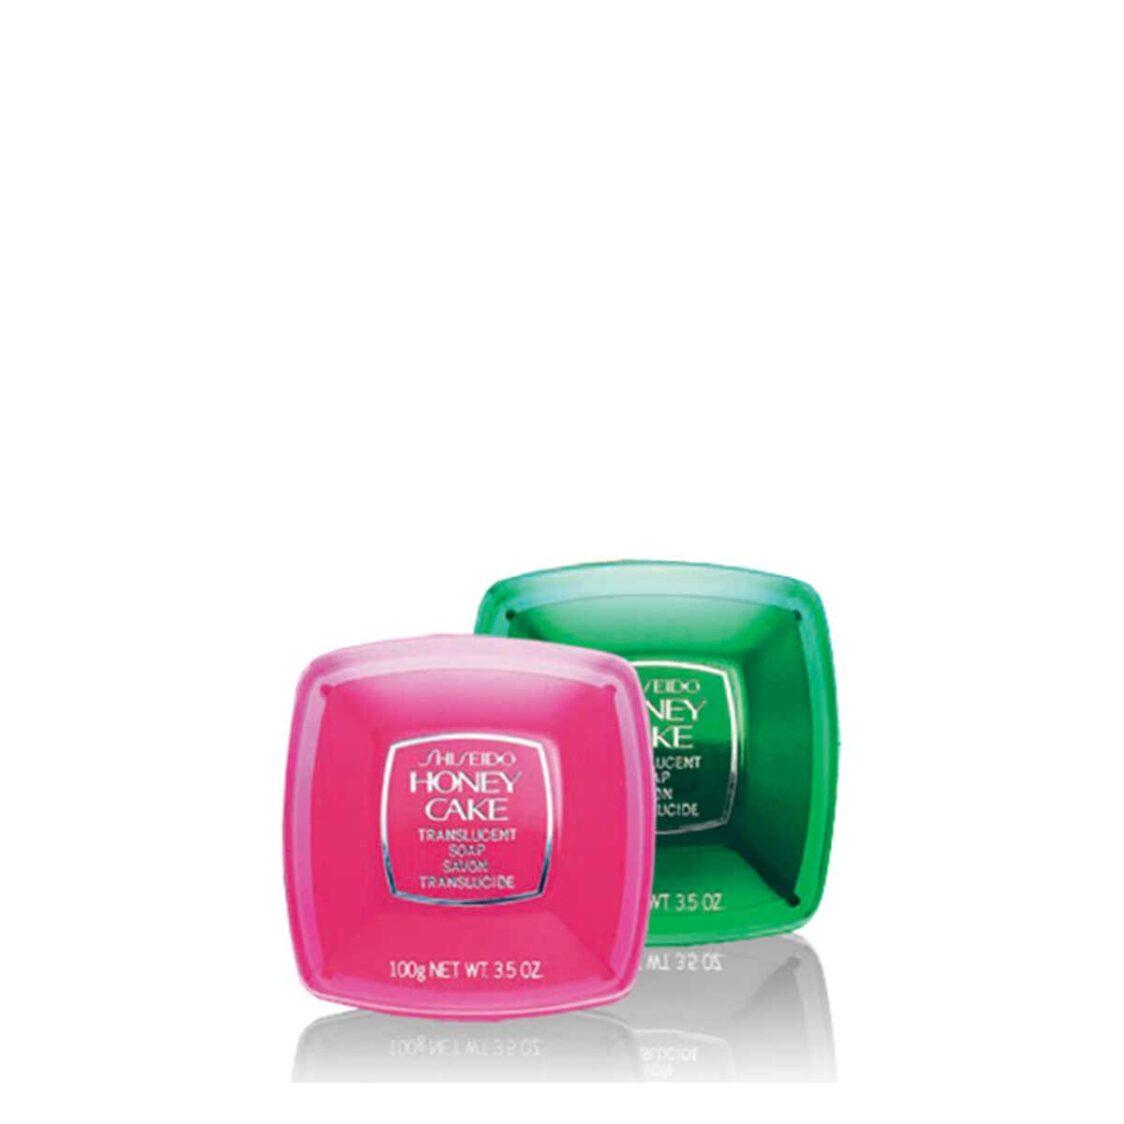 Shiseido Honey Cake Translucent Soap